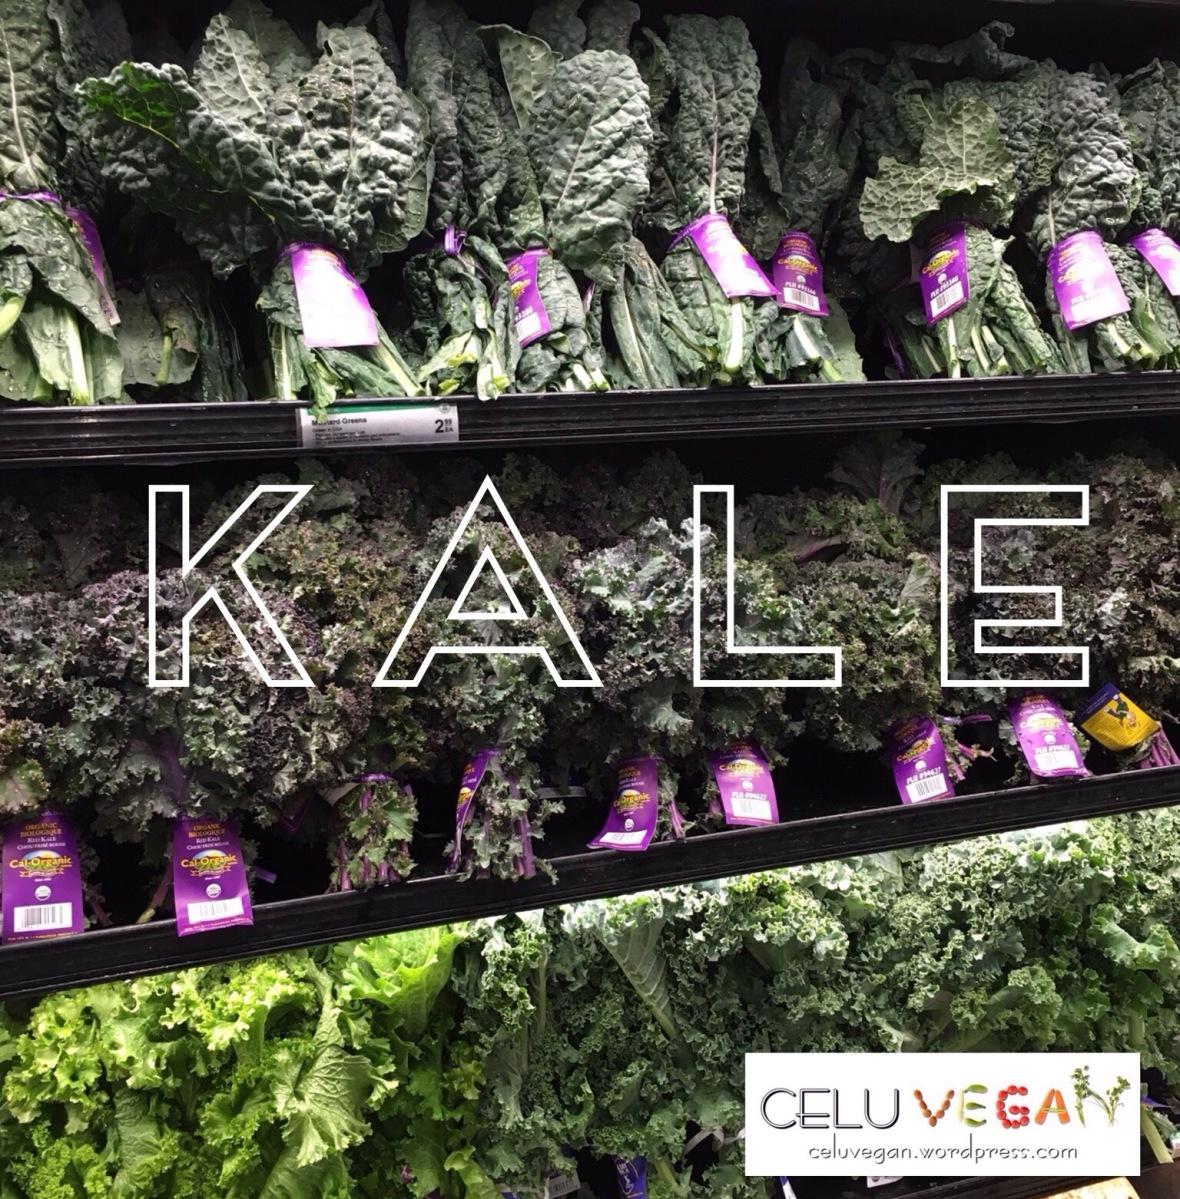 Los beneficios para la salud del Kale